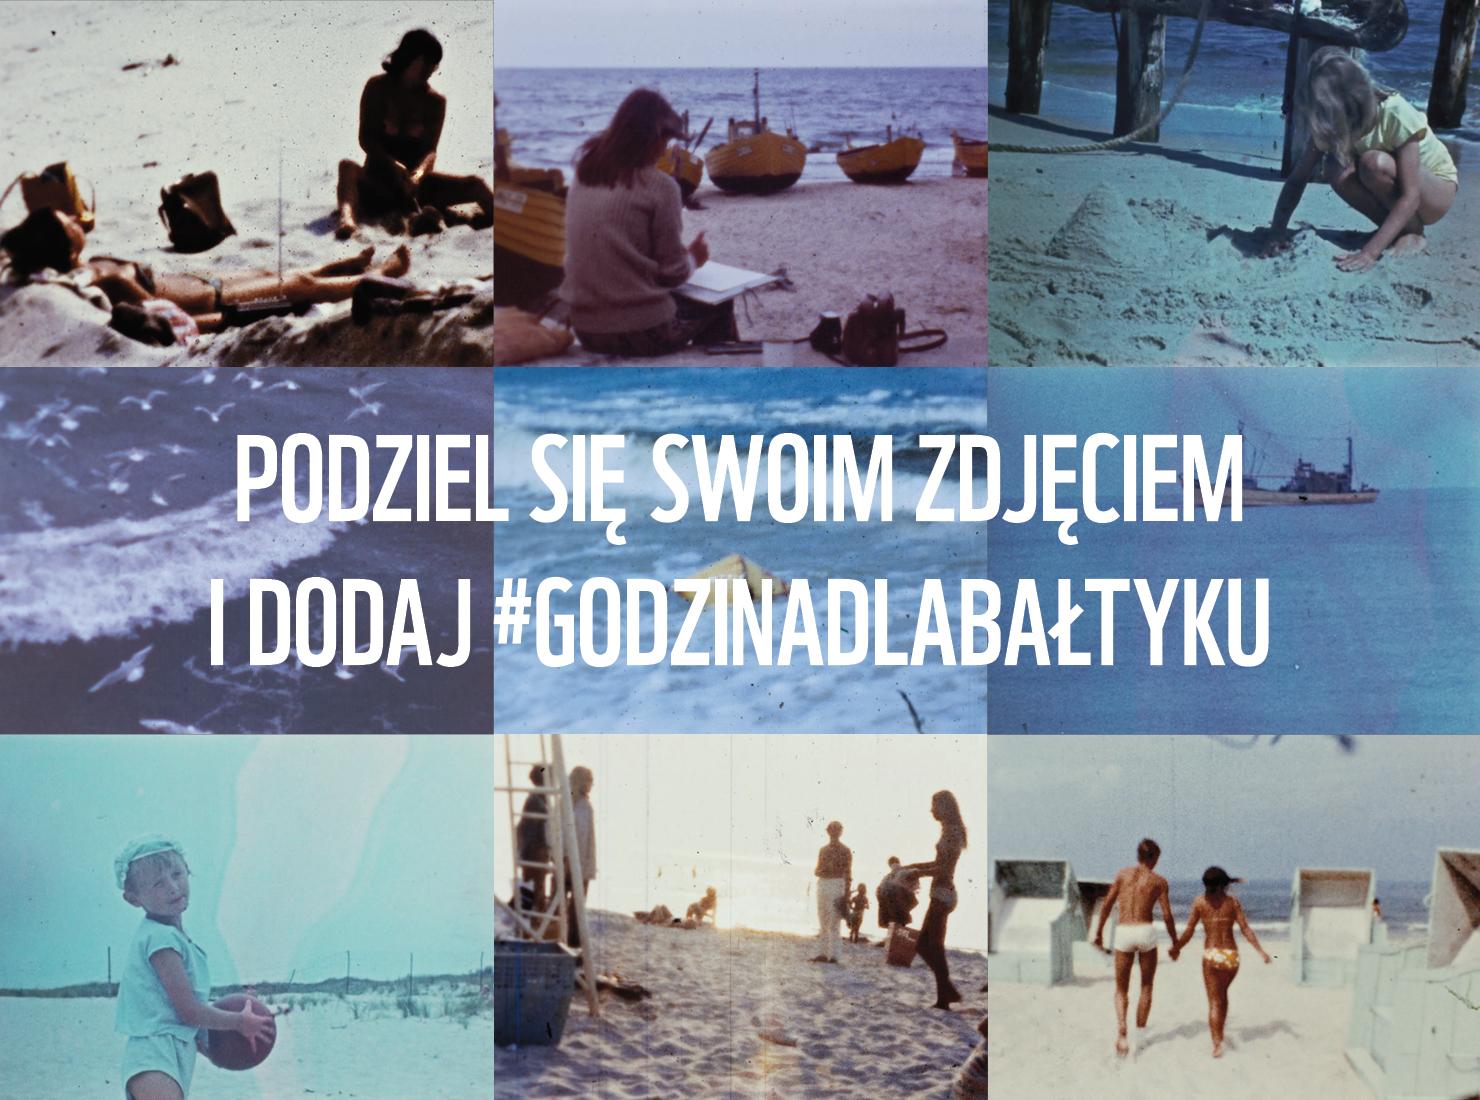 Sentymentalne zdjęcia znad Bałtyku, źródło: WWF Polska